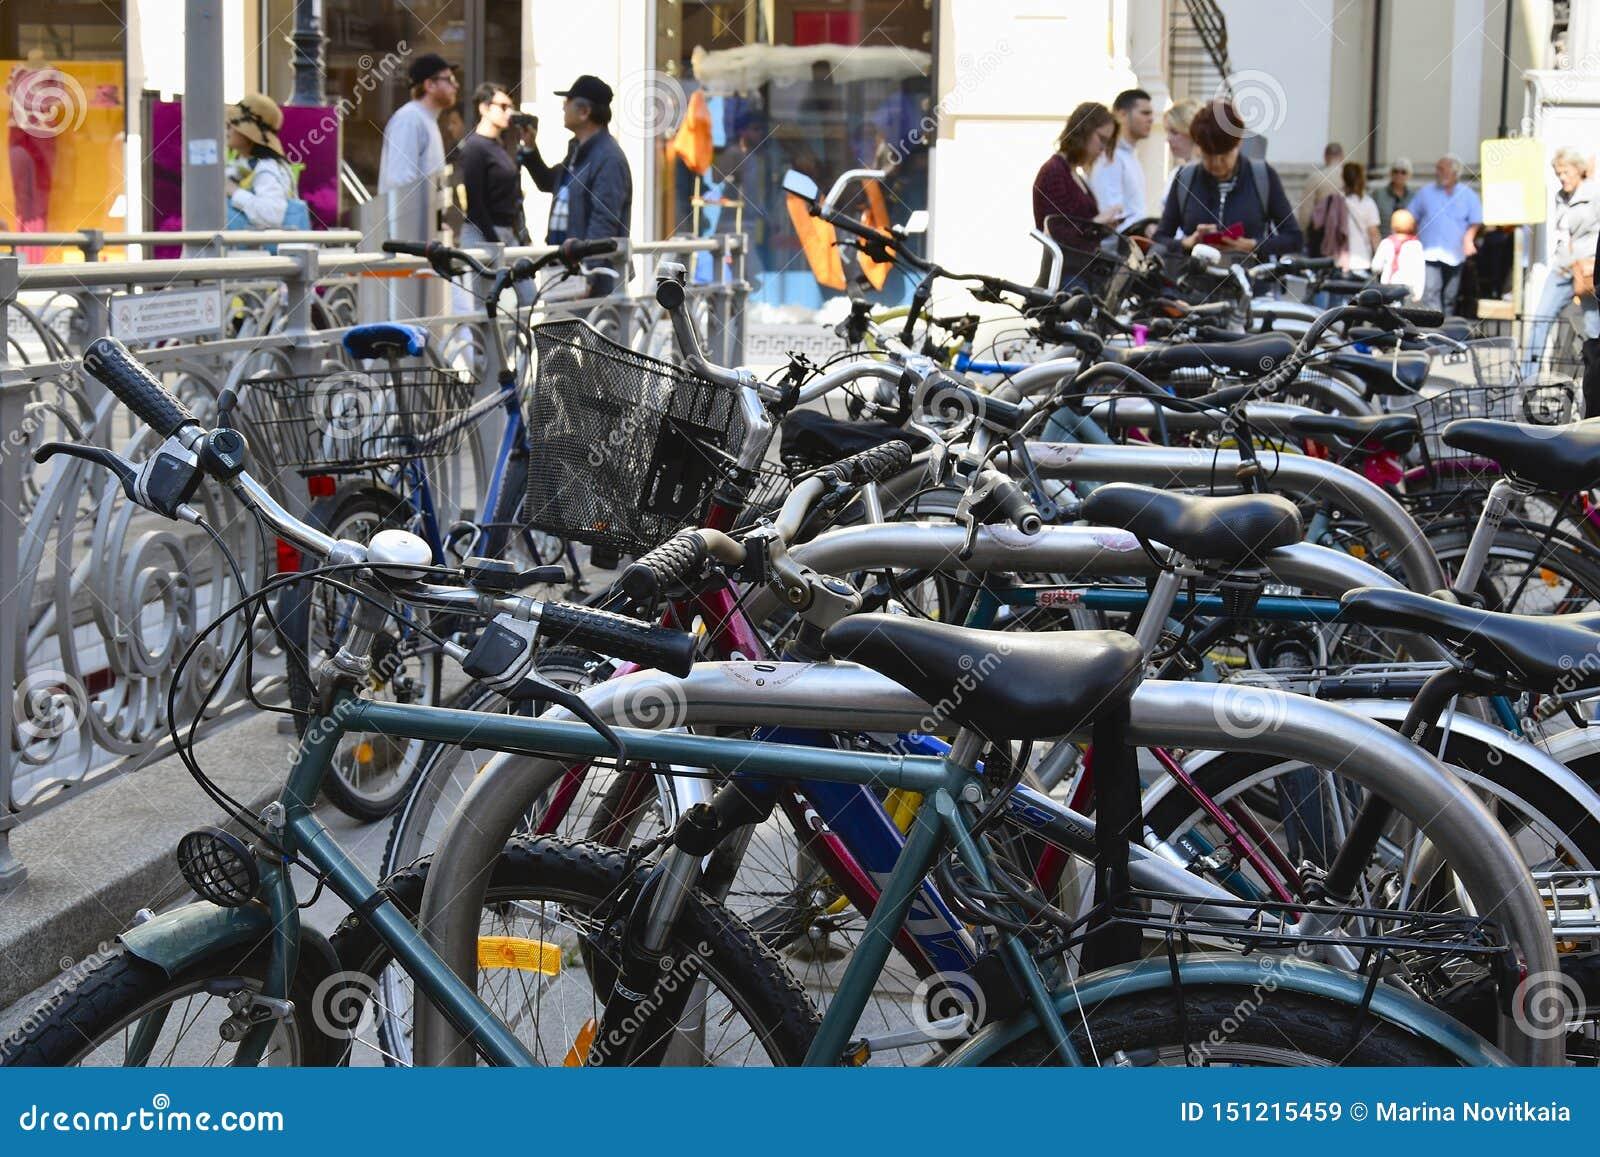 Fietsparkeren in het historische centrum van de stad Fietsen op de straat van Wenen Actieve stedelijke levensstijl